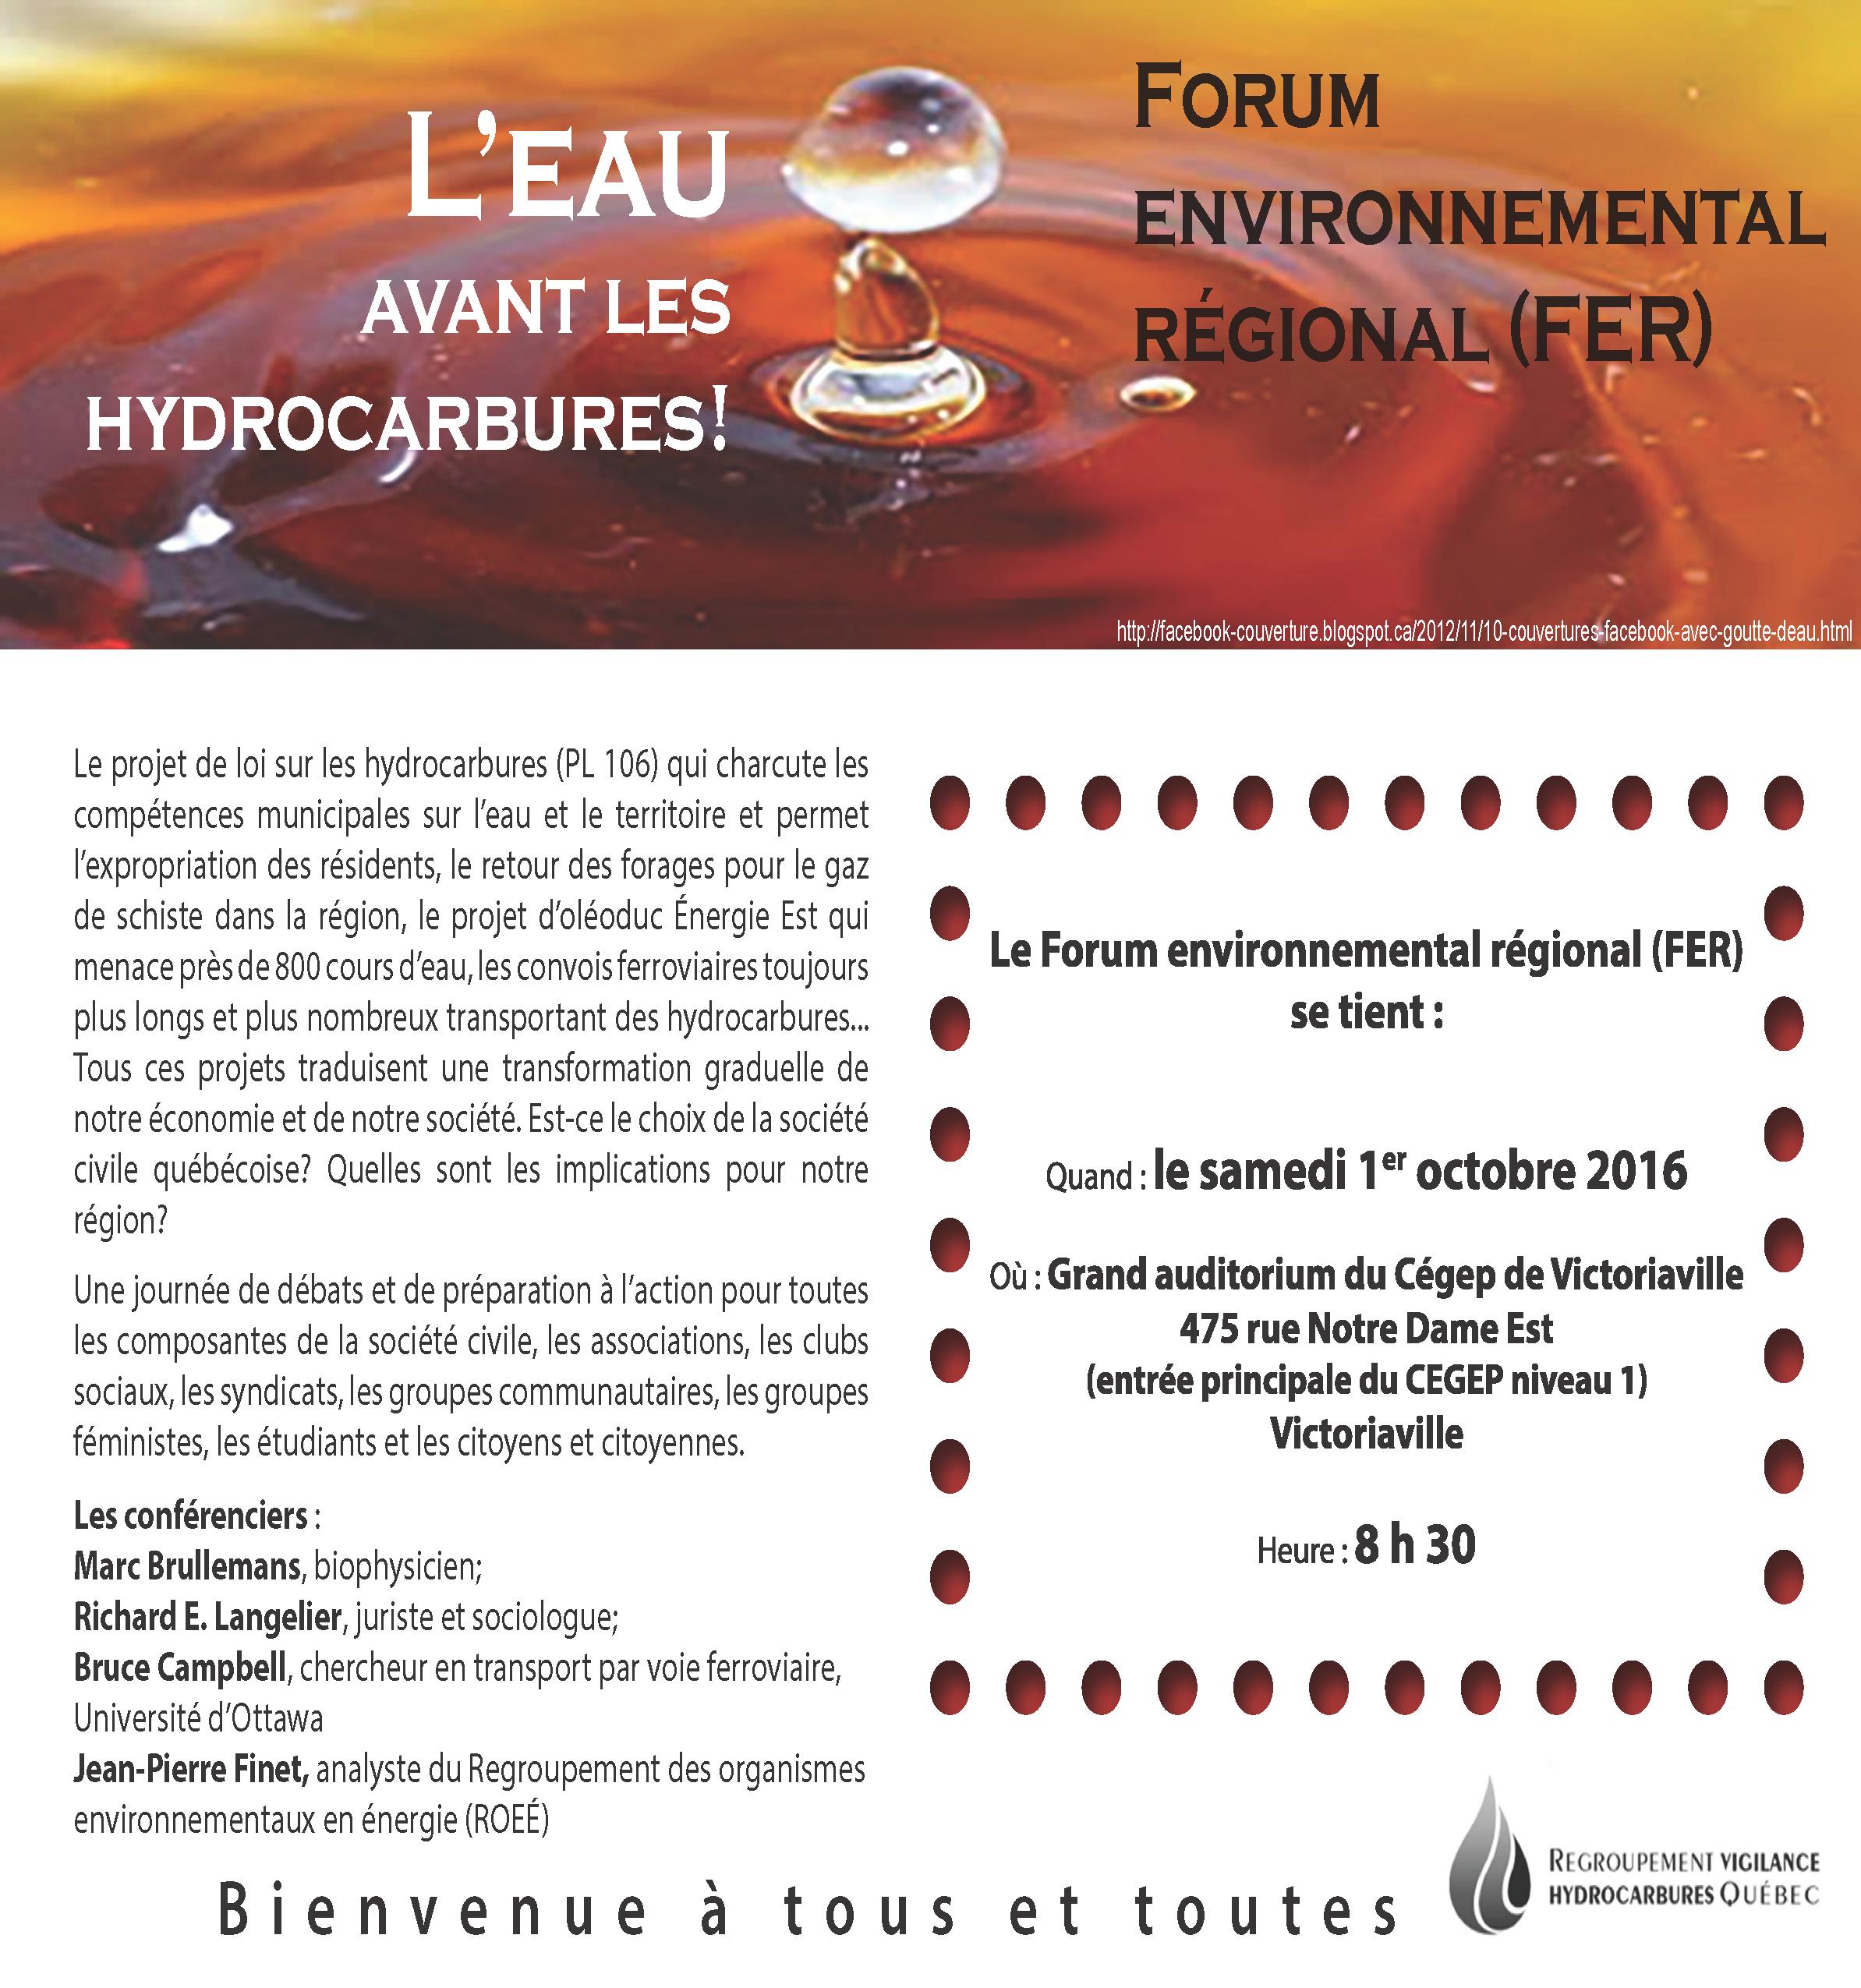 forum-environnemental-regional